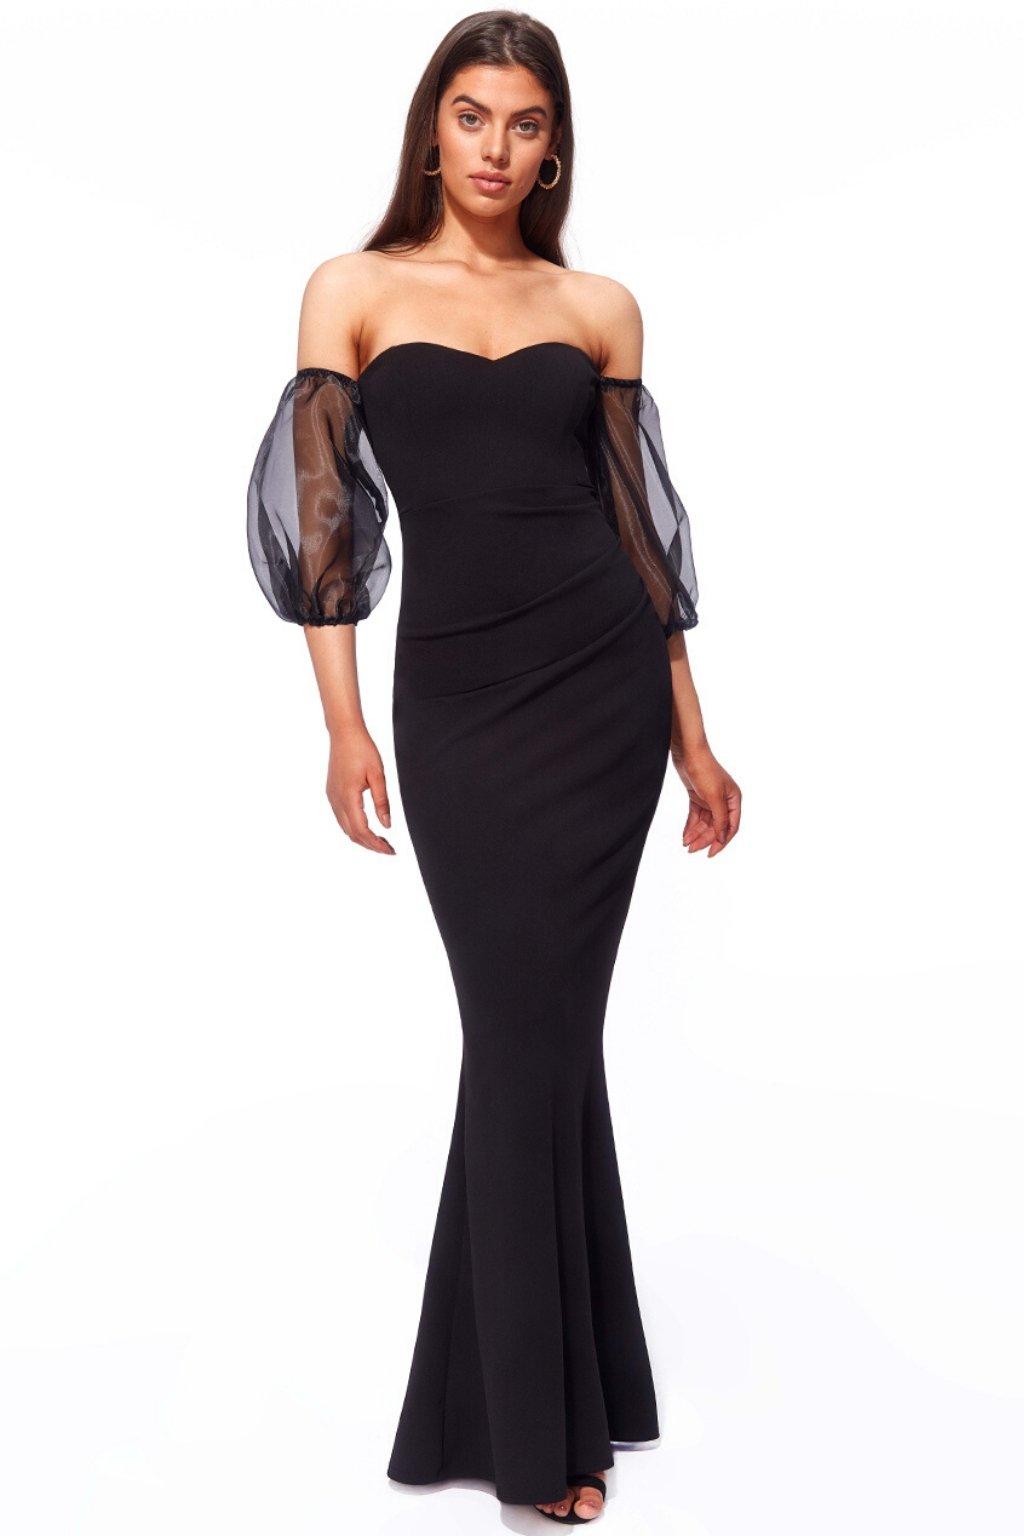 Čierne priliehavé spoločenské šaty s tylovými rukávmi